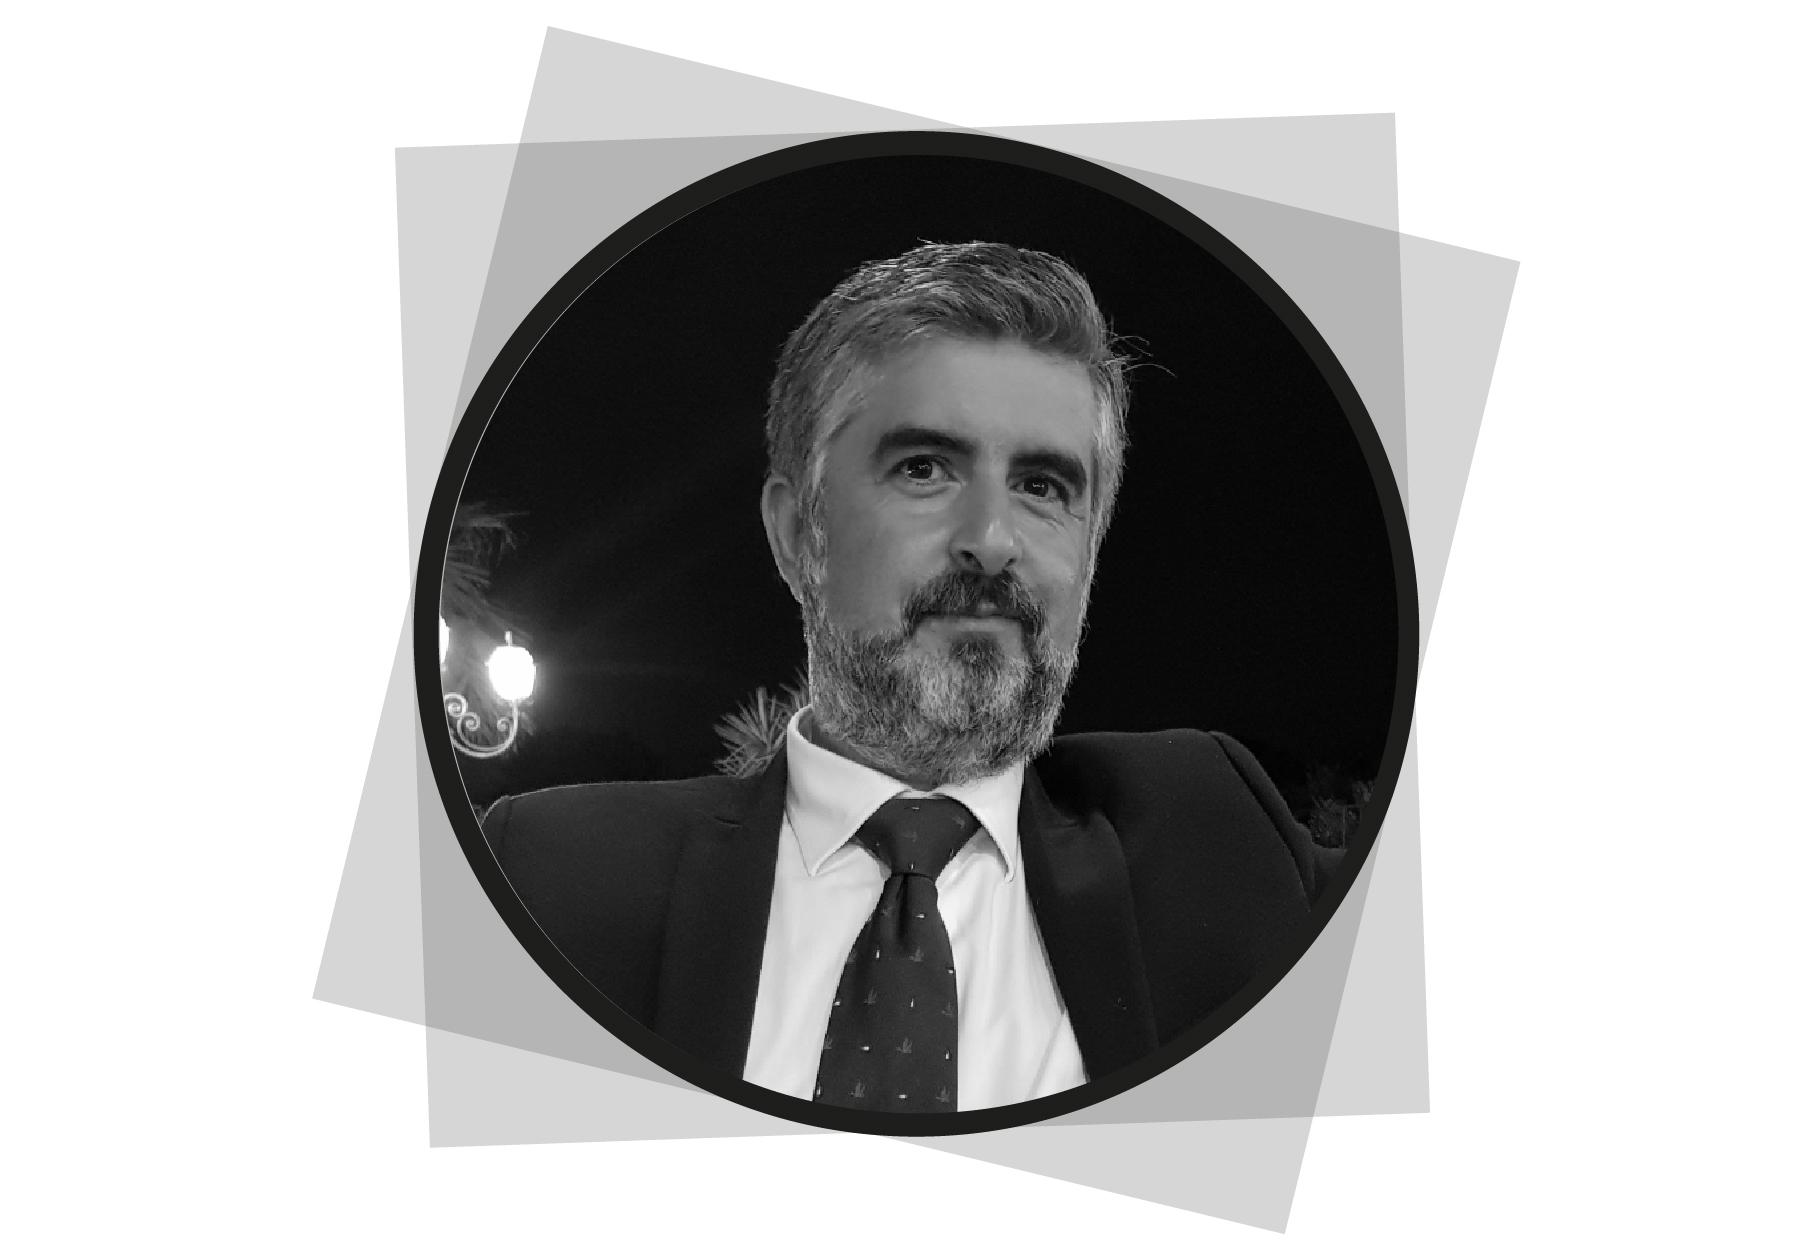 Roberto Lattanzio